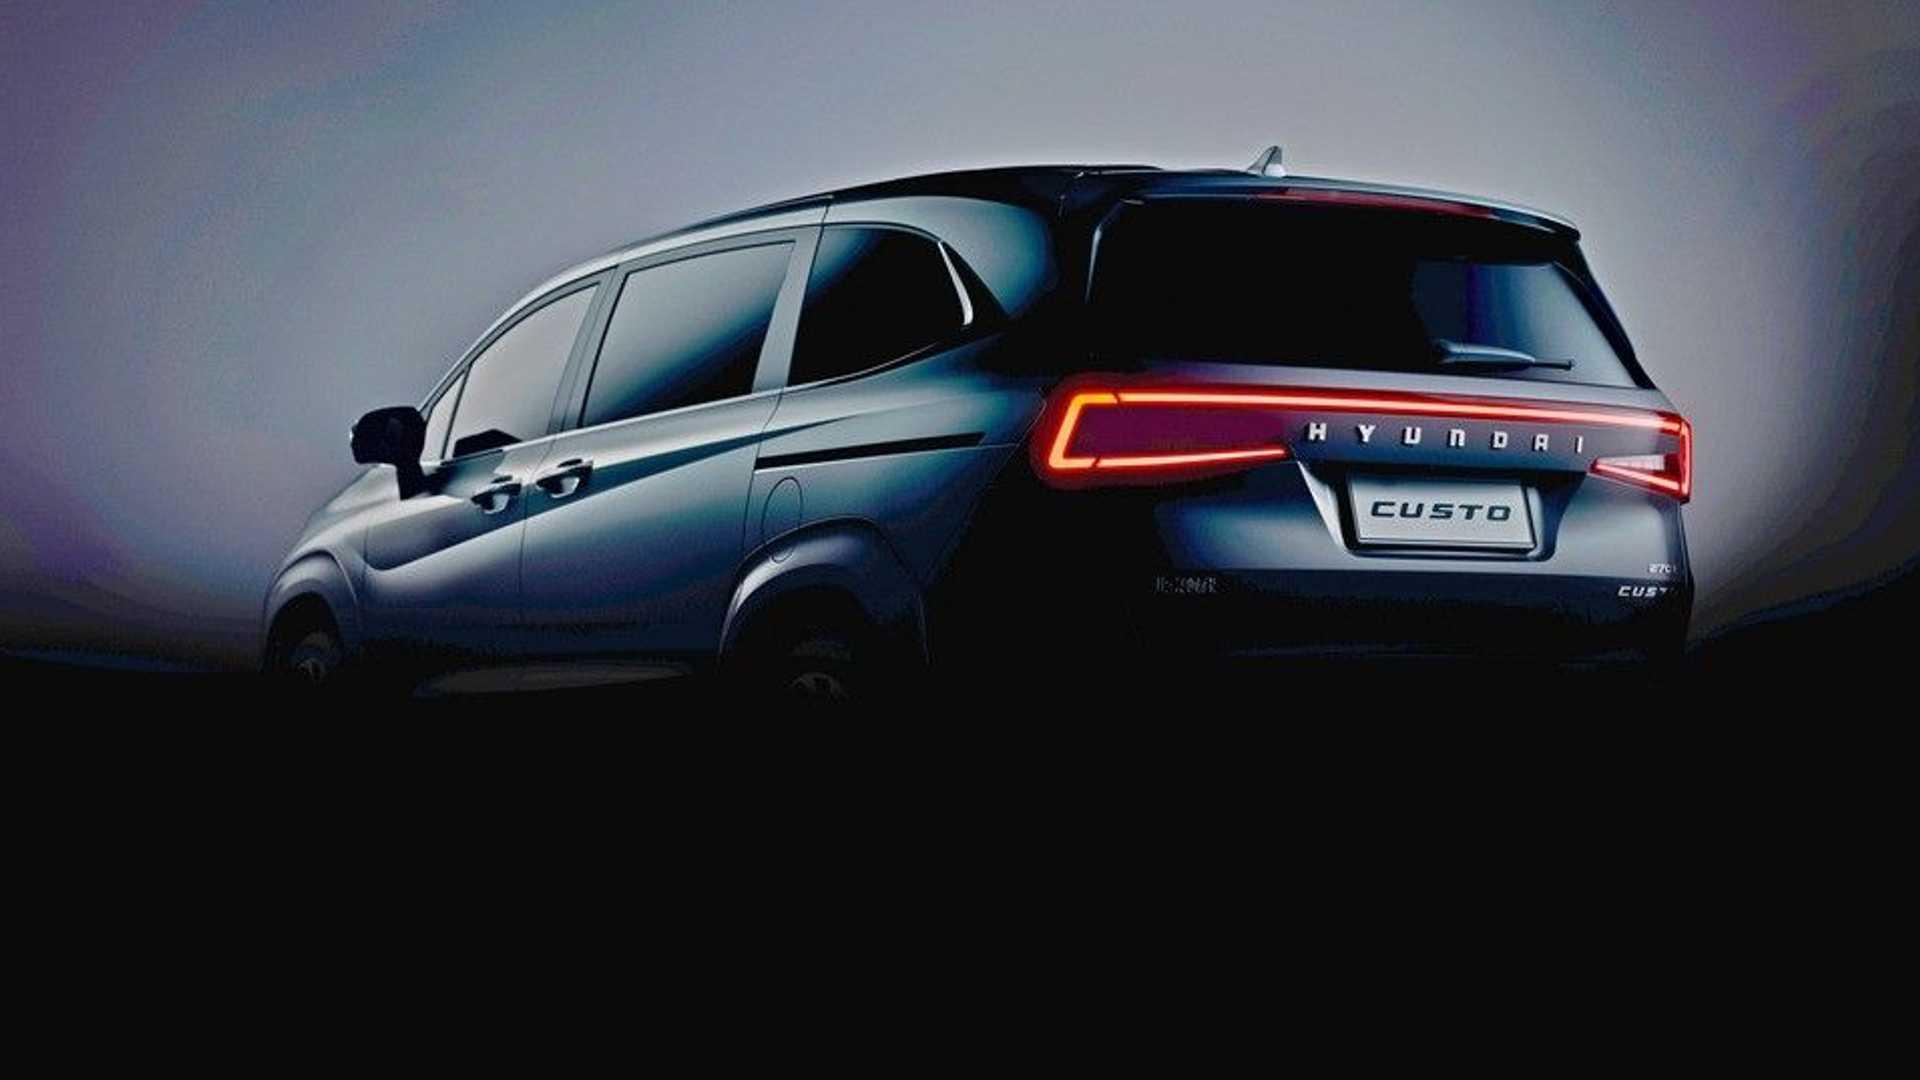 Hyundai Custo - 'Tucson 7 chỗ' chính thức lộ diện, đấu Kia Carnival - Ảnh 2.